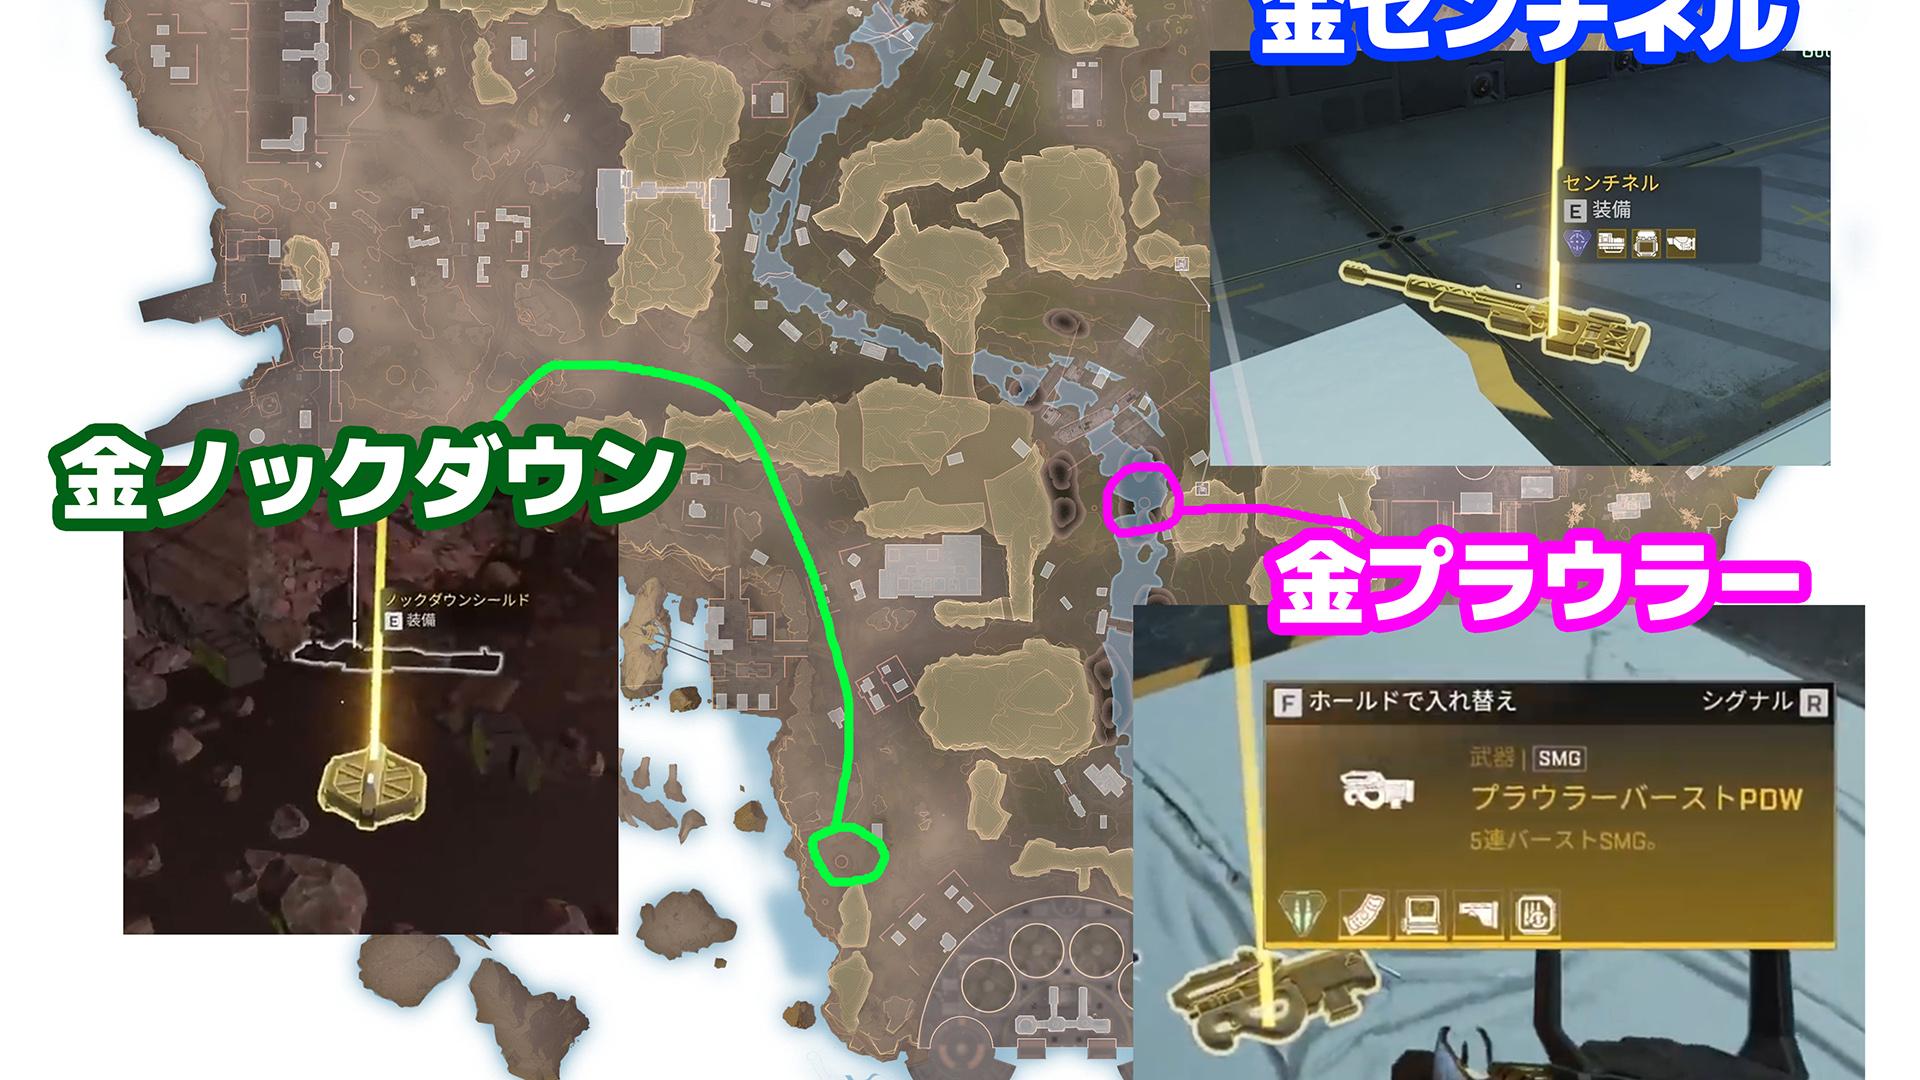 【APEX】キングスキャニオンの地下ハッチに「確定出現」する金アイテムの場所まとめ